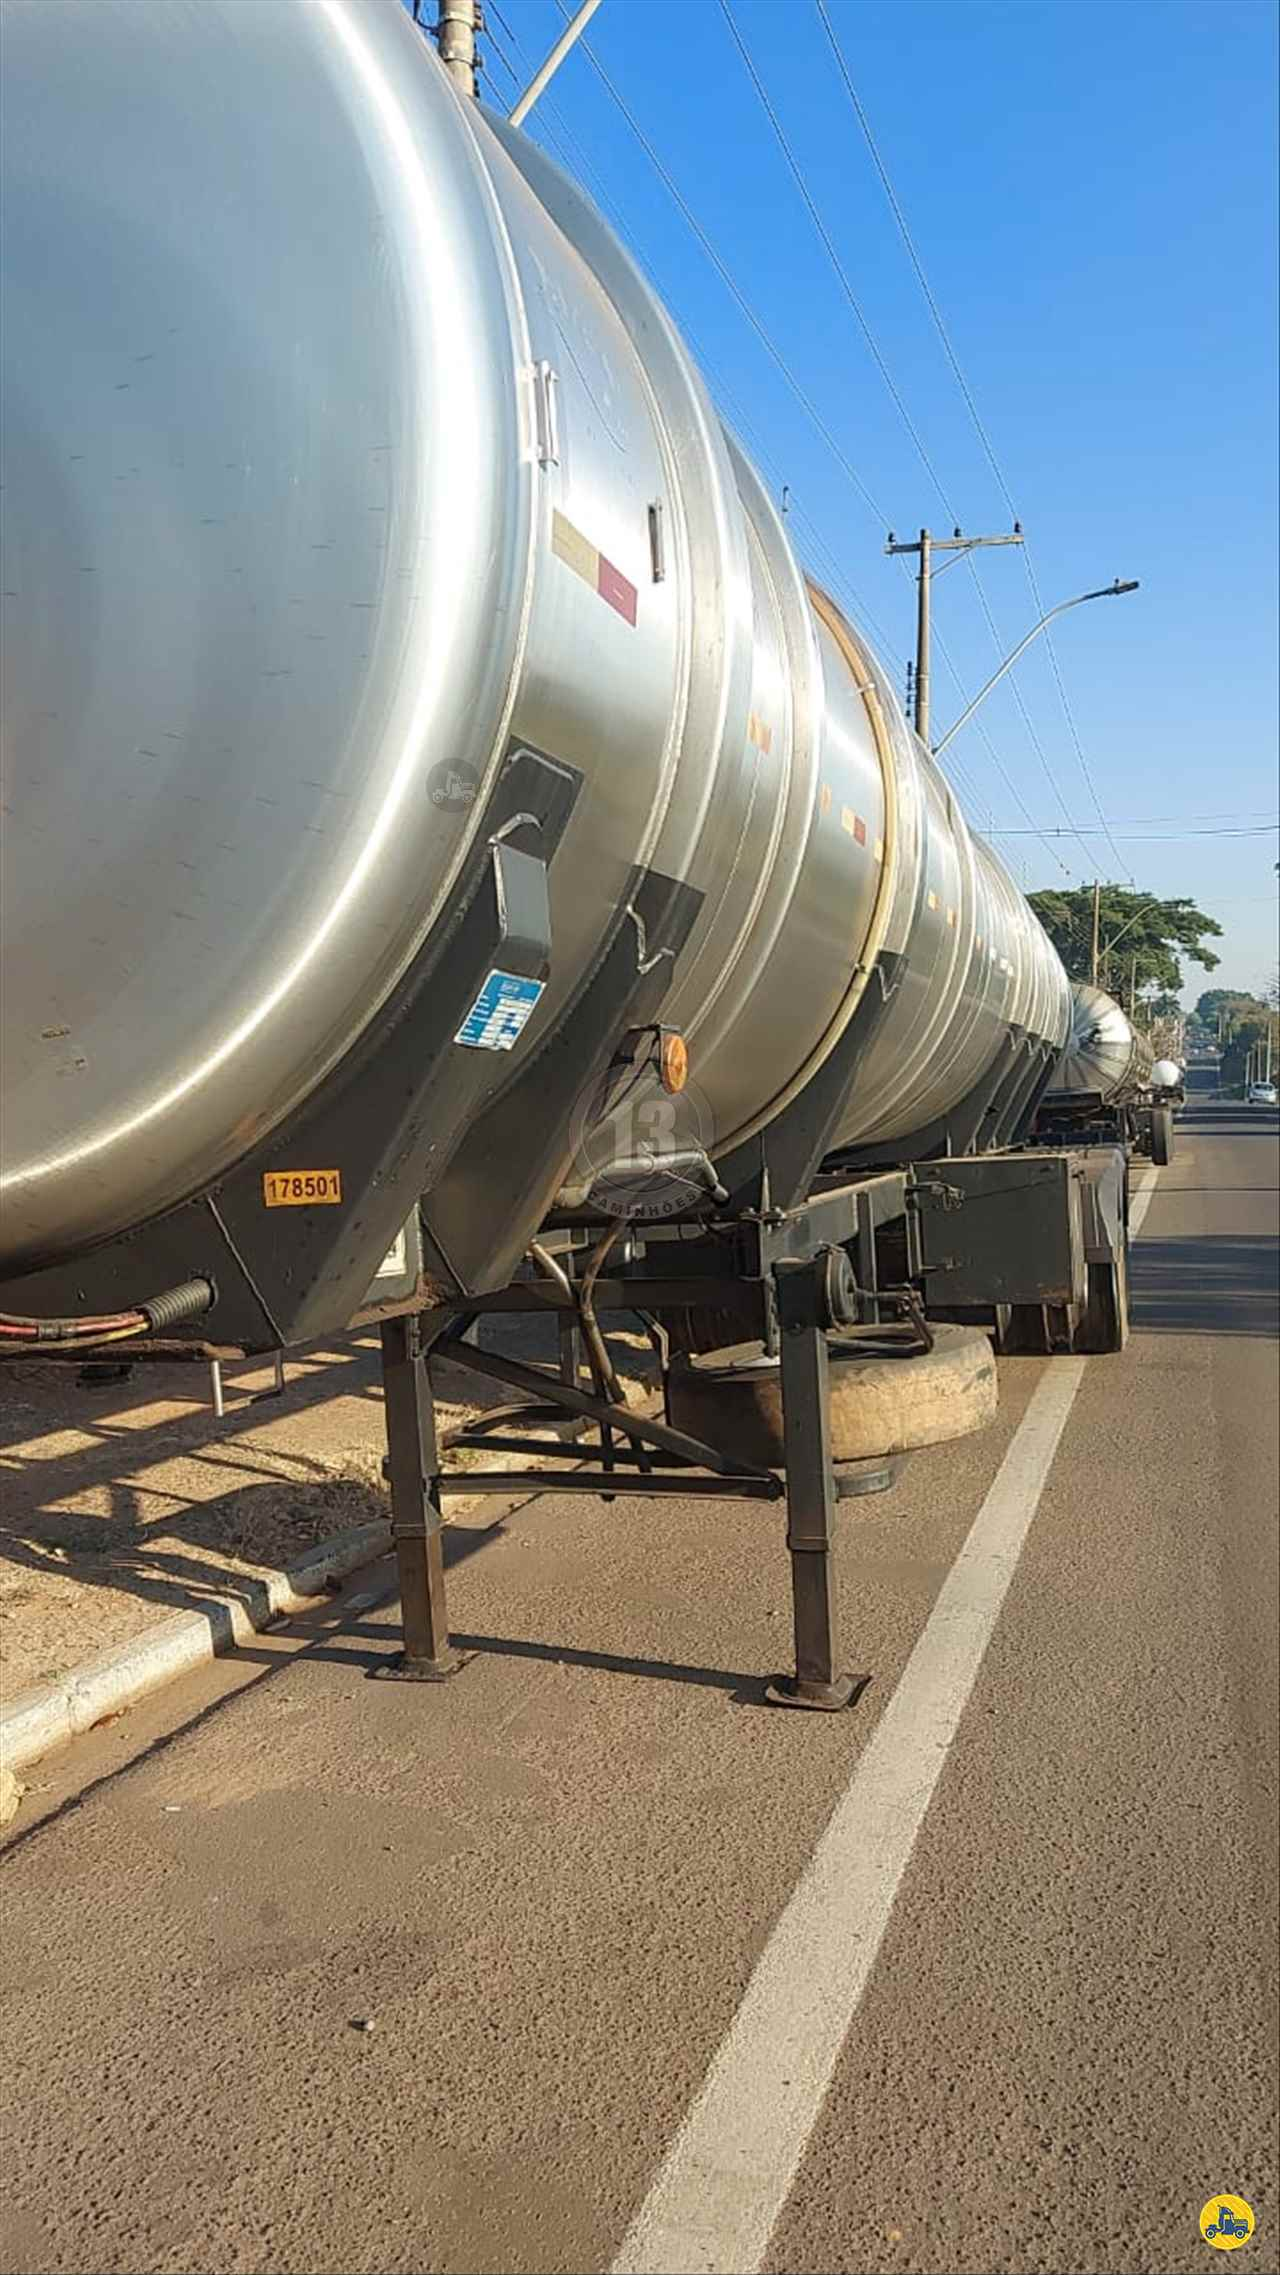 CARRETA SEMI-REBOQUE TANQUE INOX 13 Caminhões ARACATUBA SÃO PAULO SP